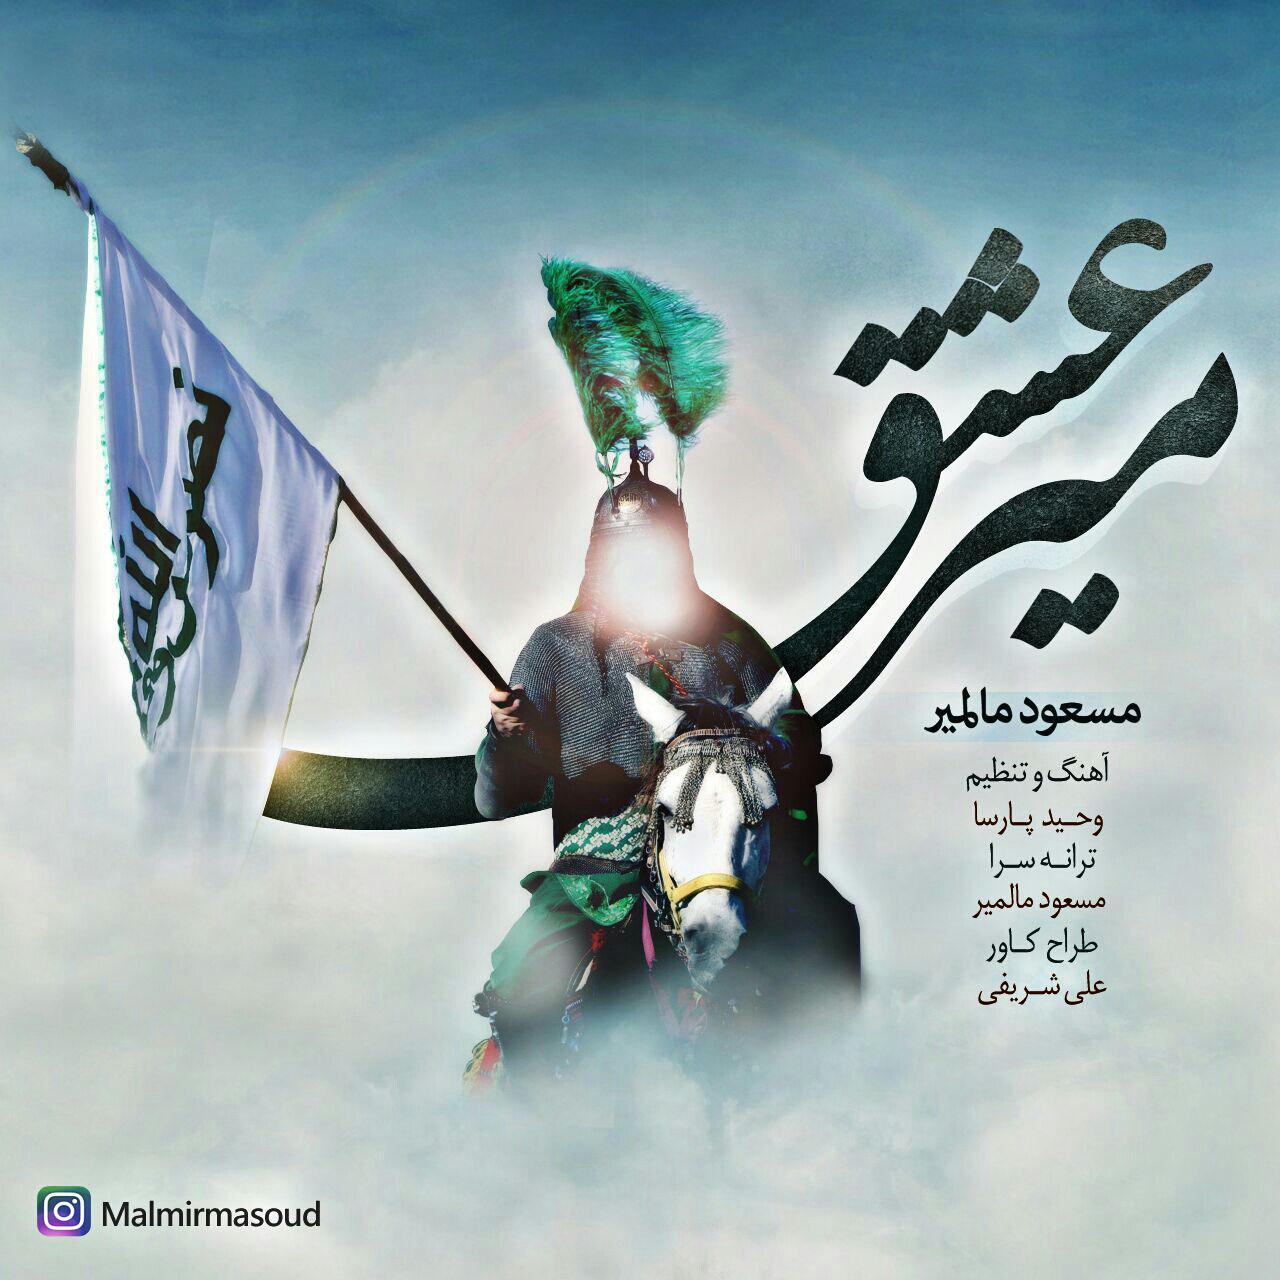 دانلود آهنگ جدید مسعود مالمیر بنام میرعشق